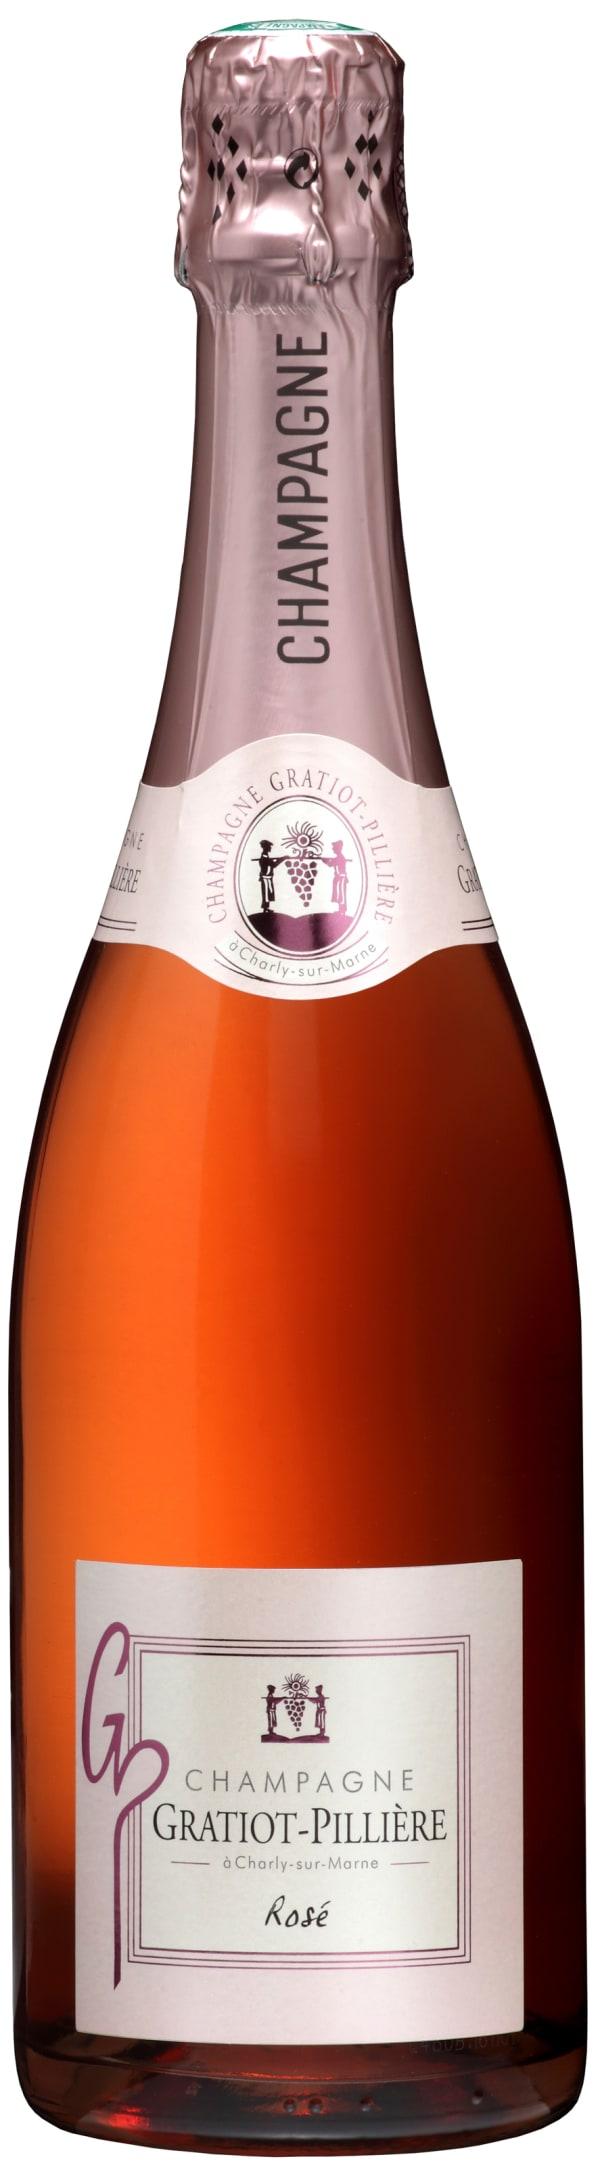 Gratiot Pilliére Rosé Champagne Brut